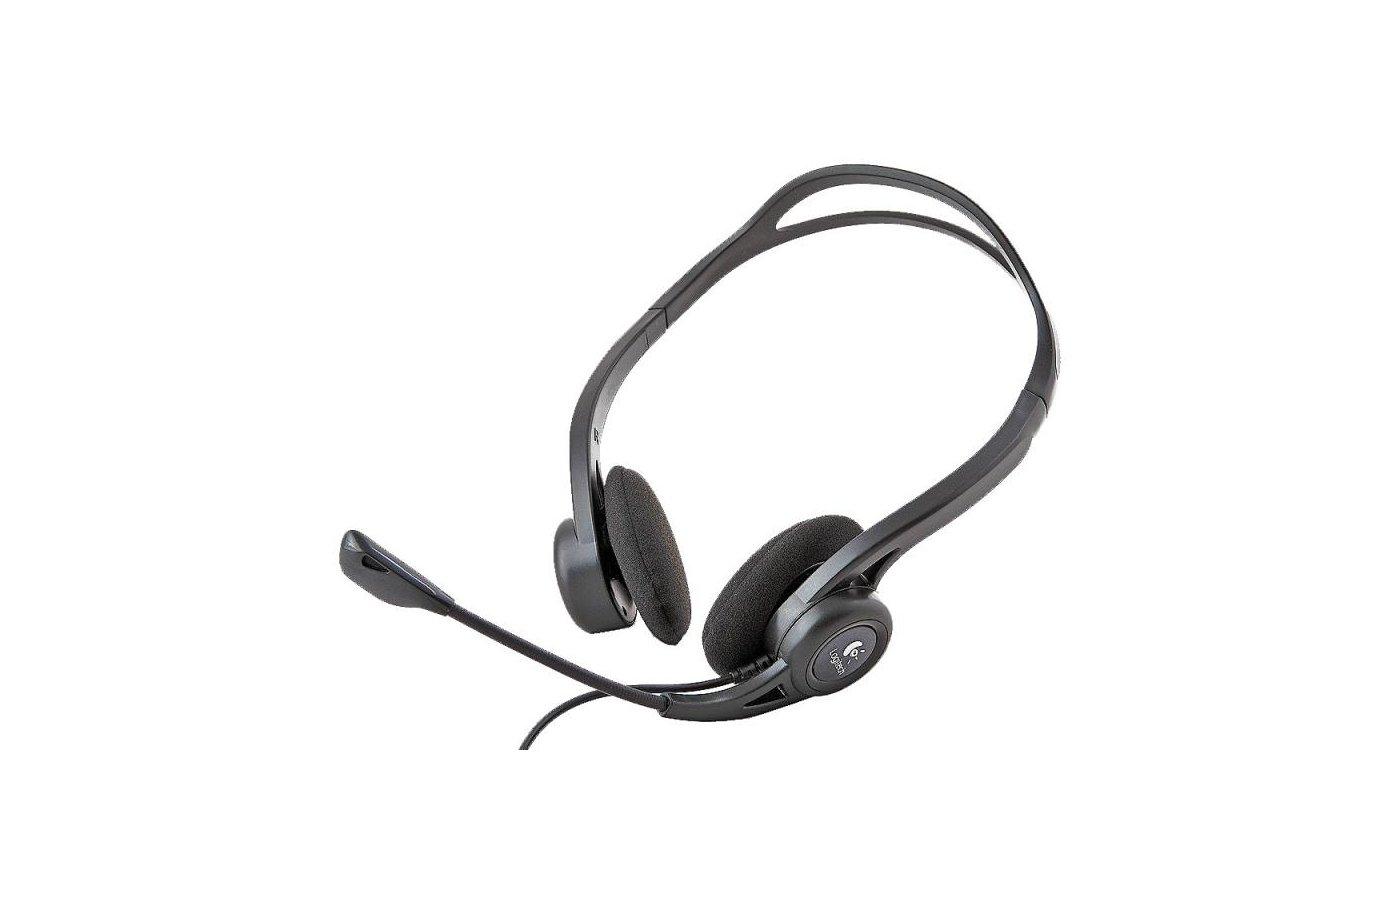 Наушники с микрофоном проводные Logitech PC 960 Stereo